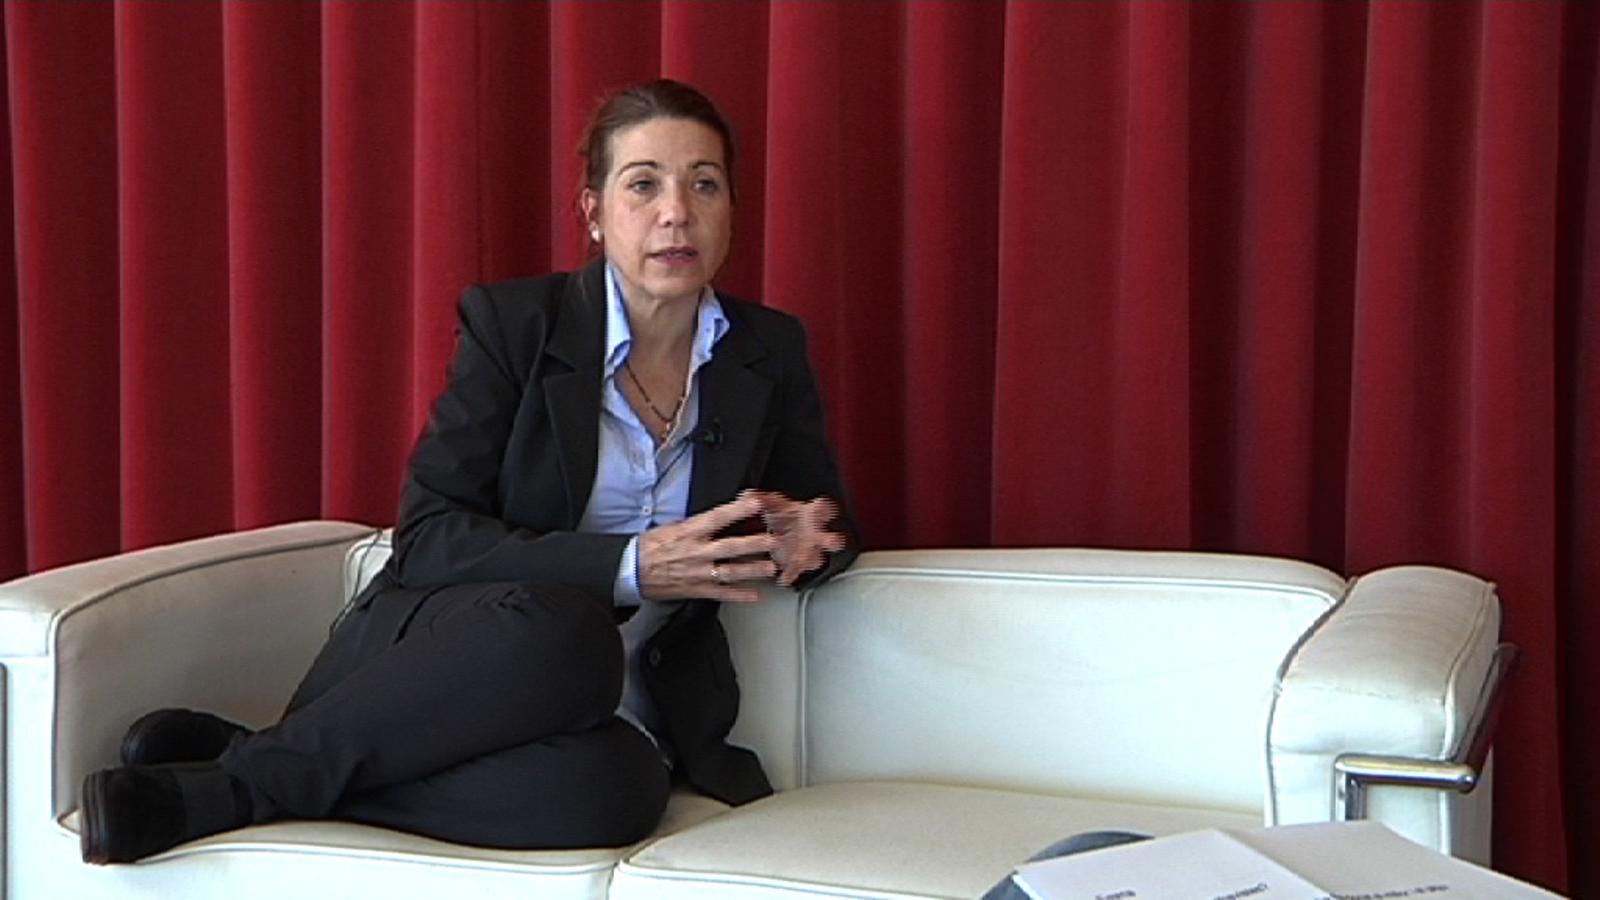 Emma Vilarasau: La cultura forma part d'un país, és més que un entreteniment